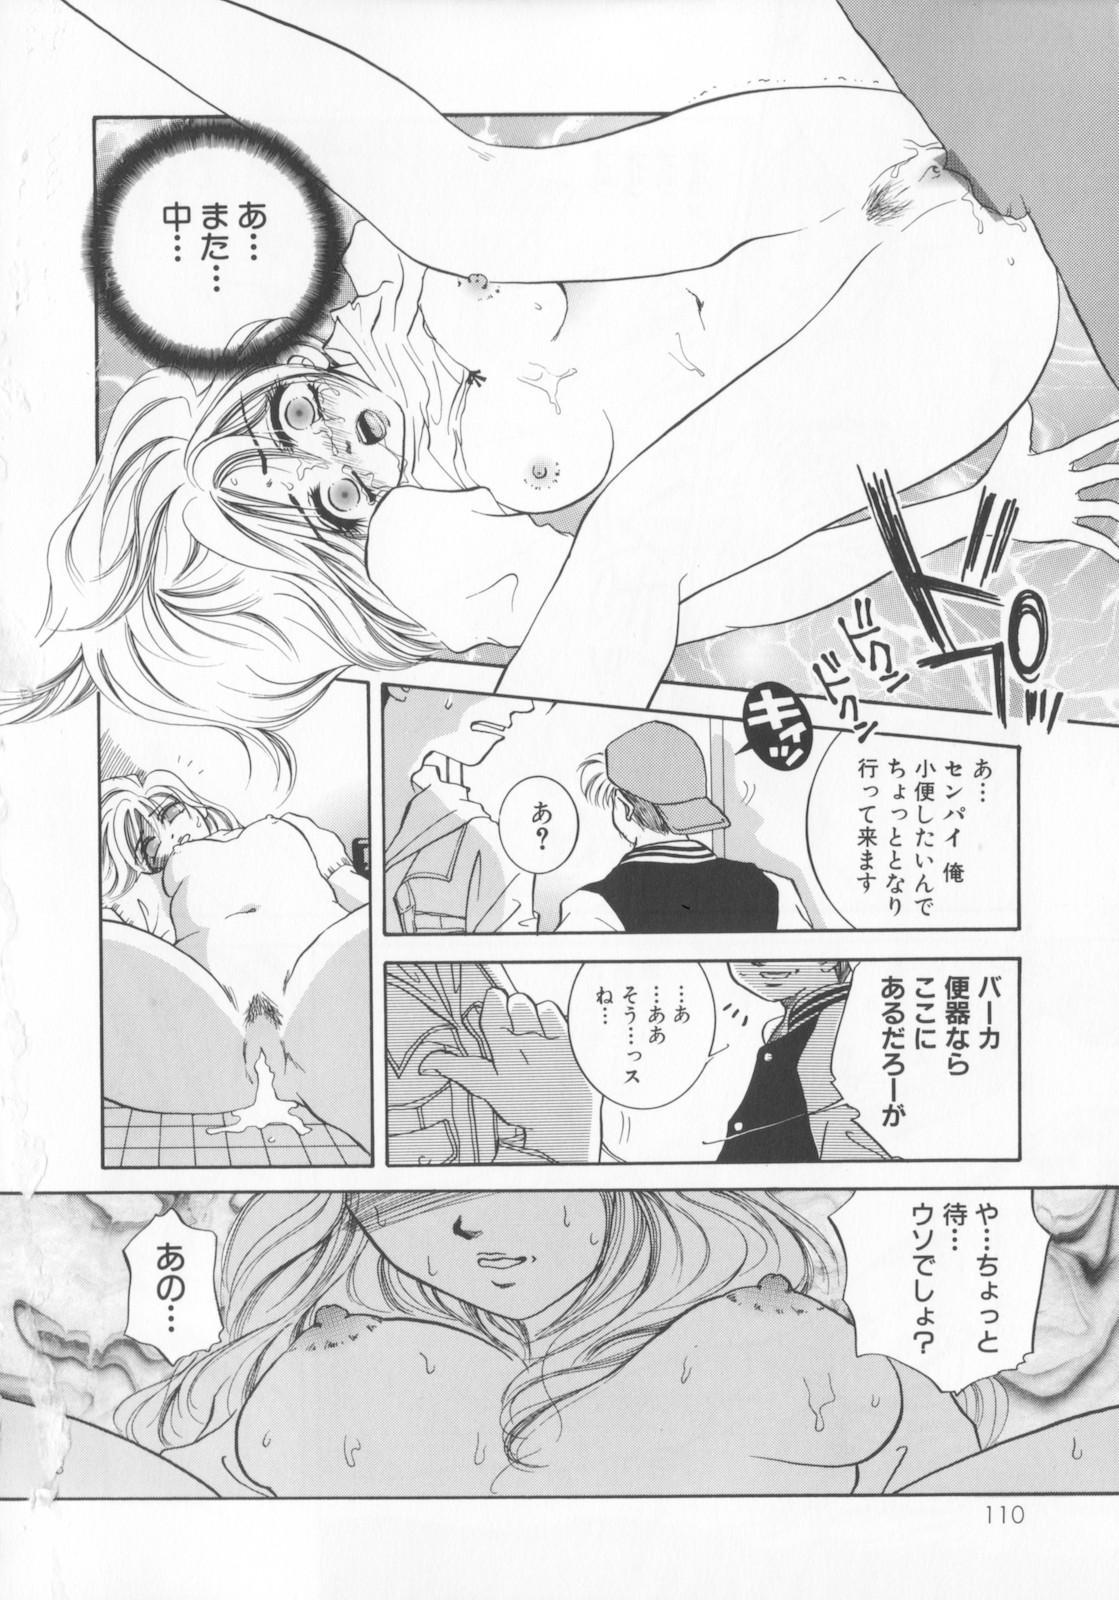 Kichiku dorei 113